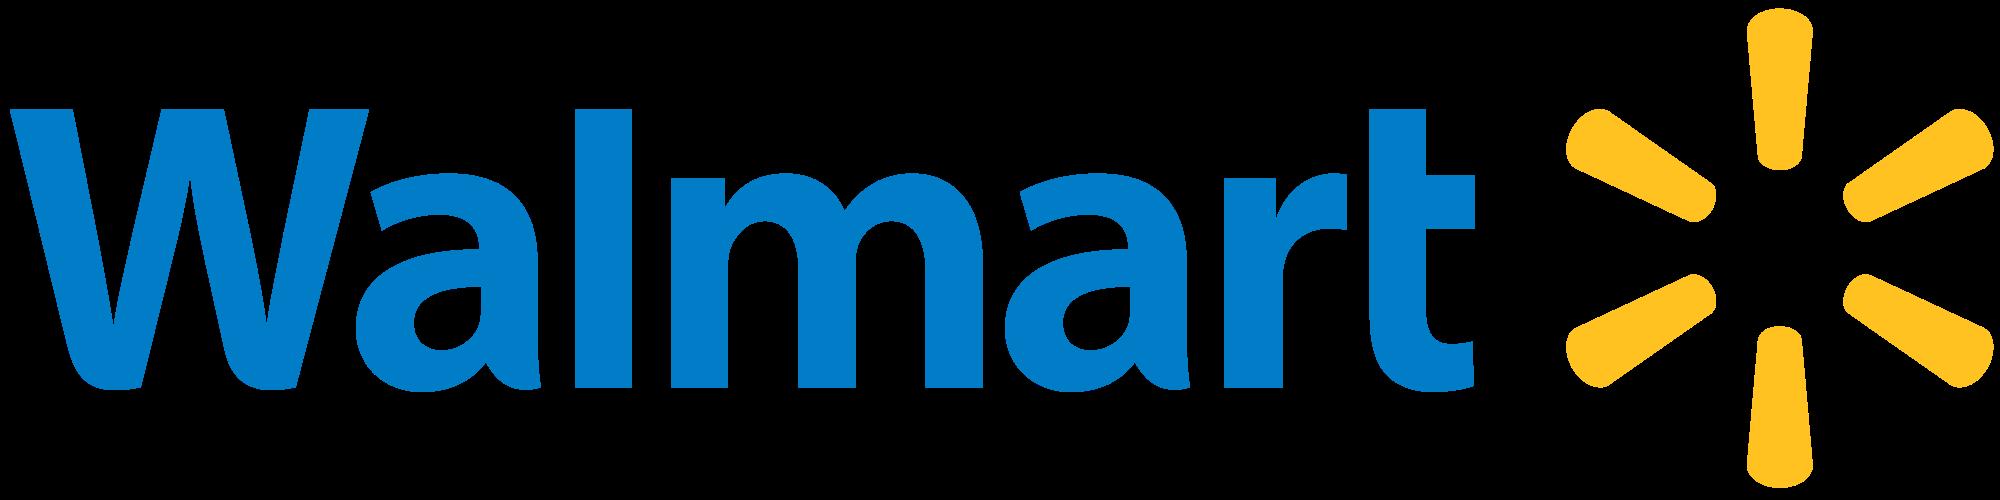 real wood - retailer logo - walmart.png